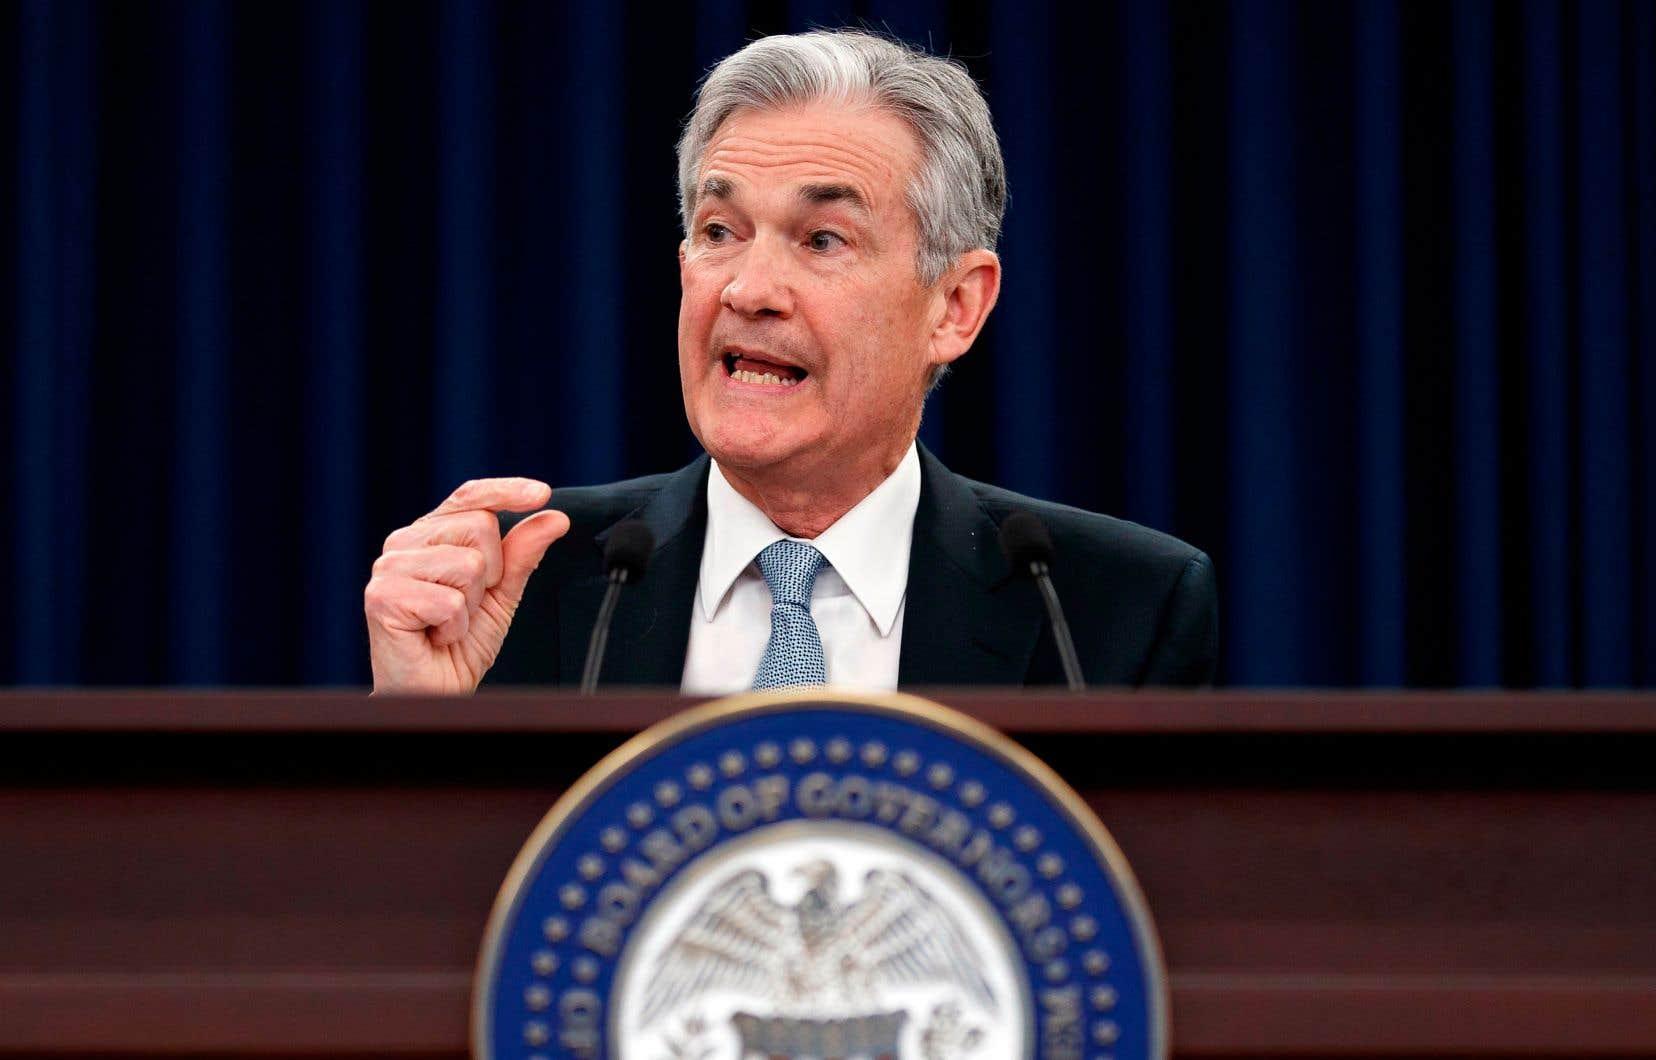 L'évaluation que fait la Réserve fédérale, dirigée par Jerome Powell, de l'économie reste très positive, indiquant que le marché de l'emploi continue d'être dynamique et que l'activité a progressé à un «rythme modéré».